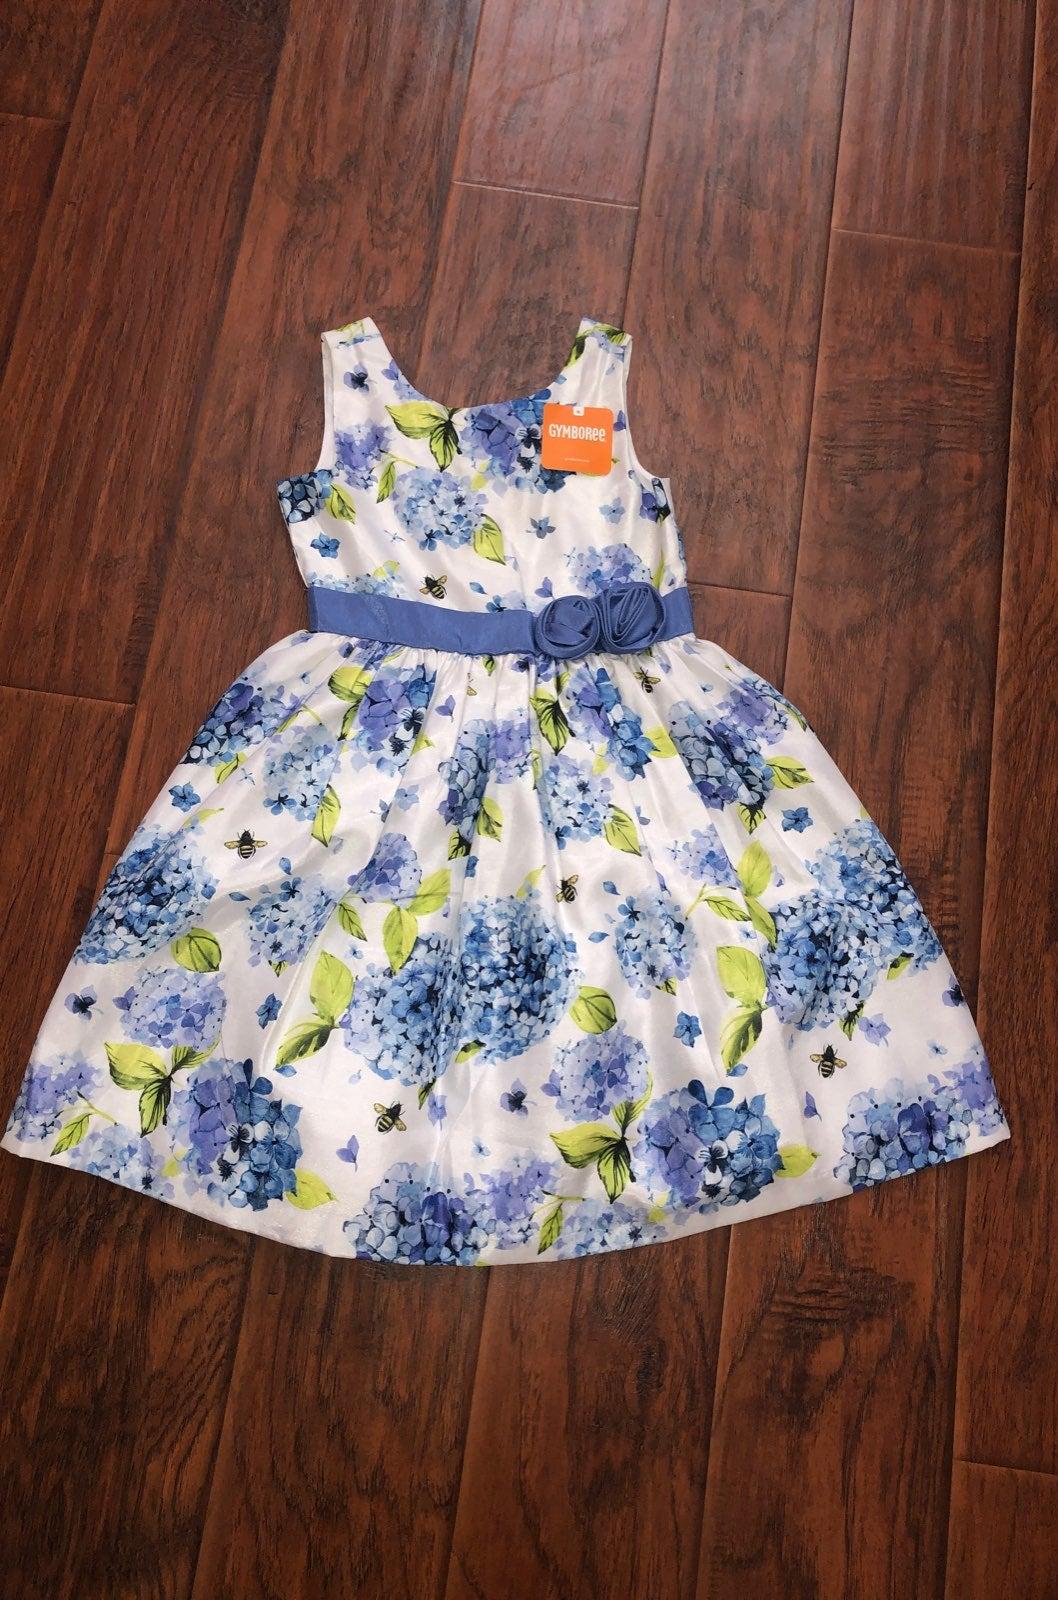 NEW Gymboree girls Dress